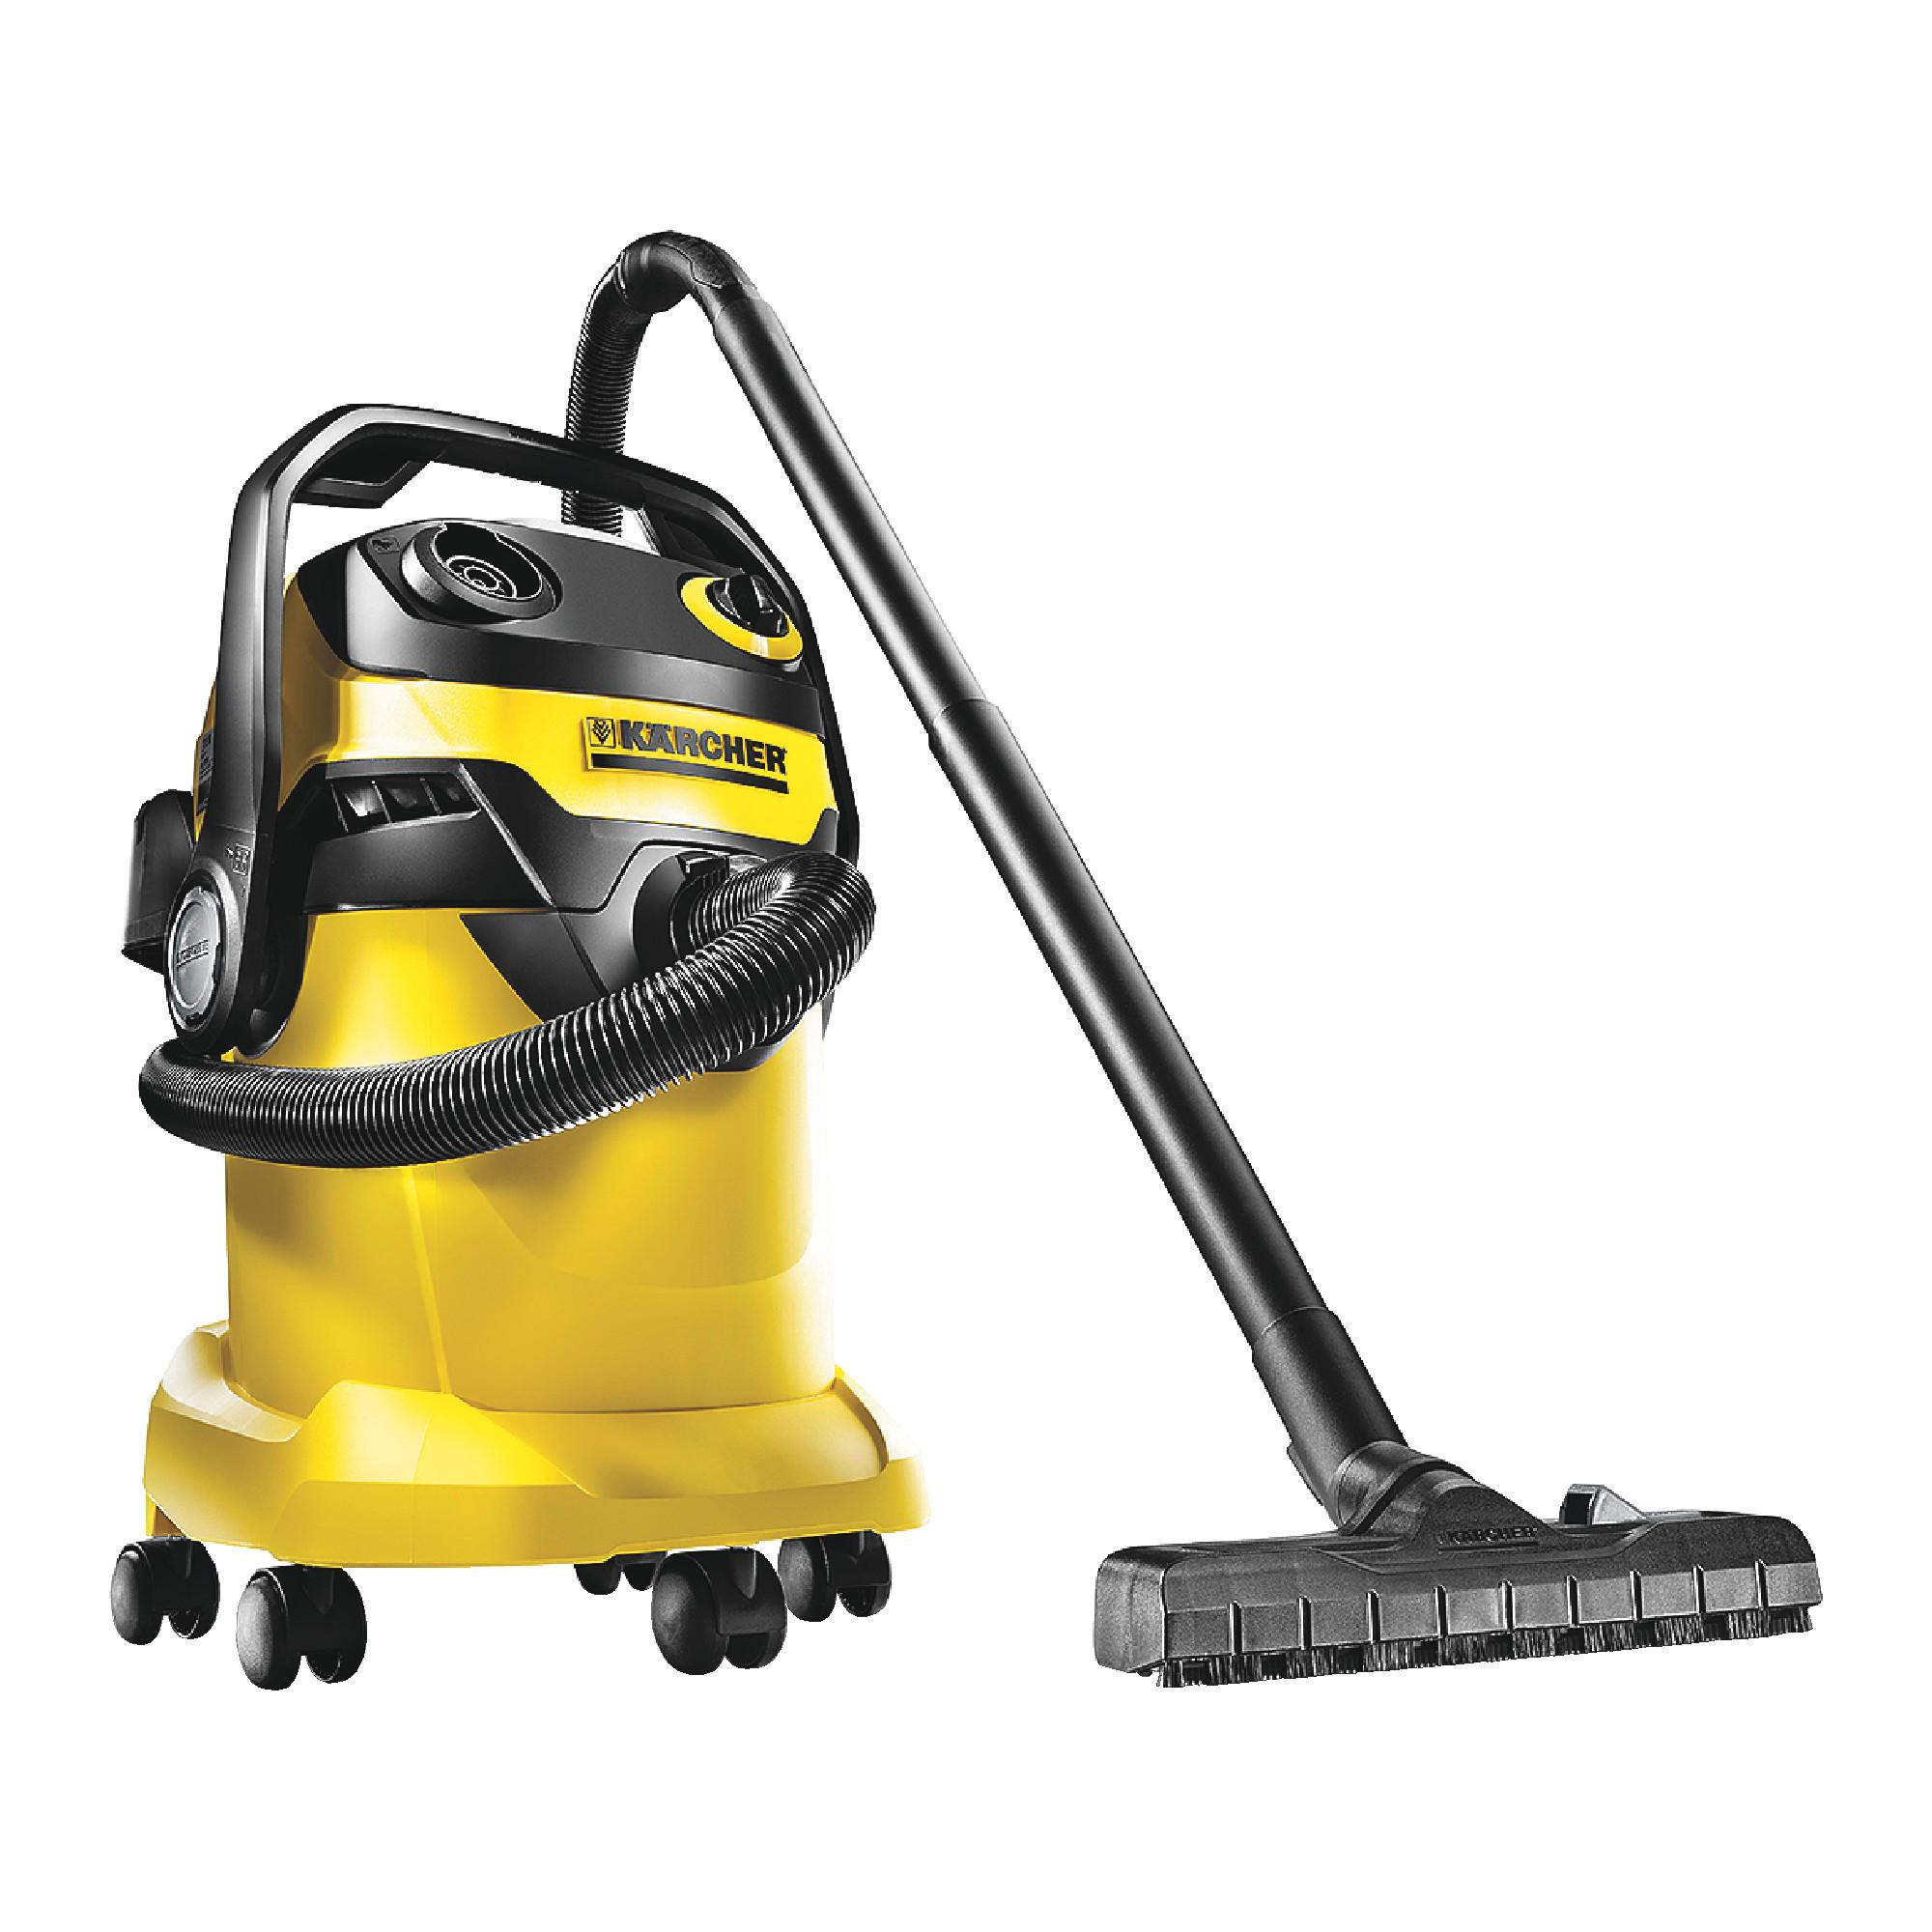 WD Wet/Dry Vacuum